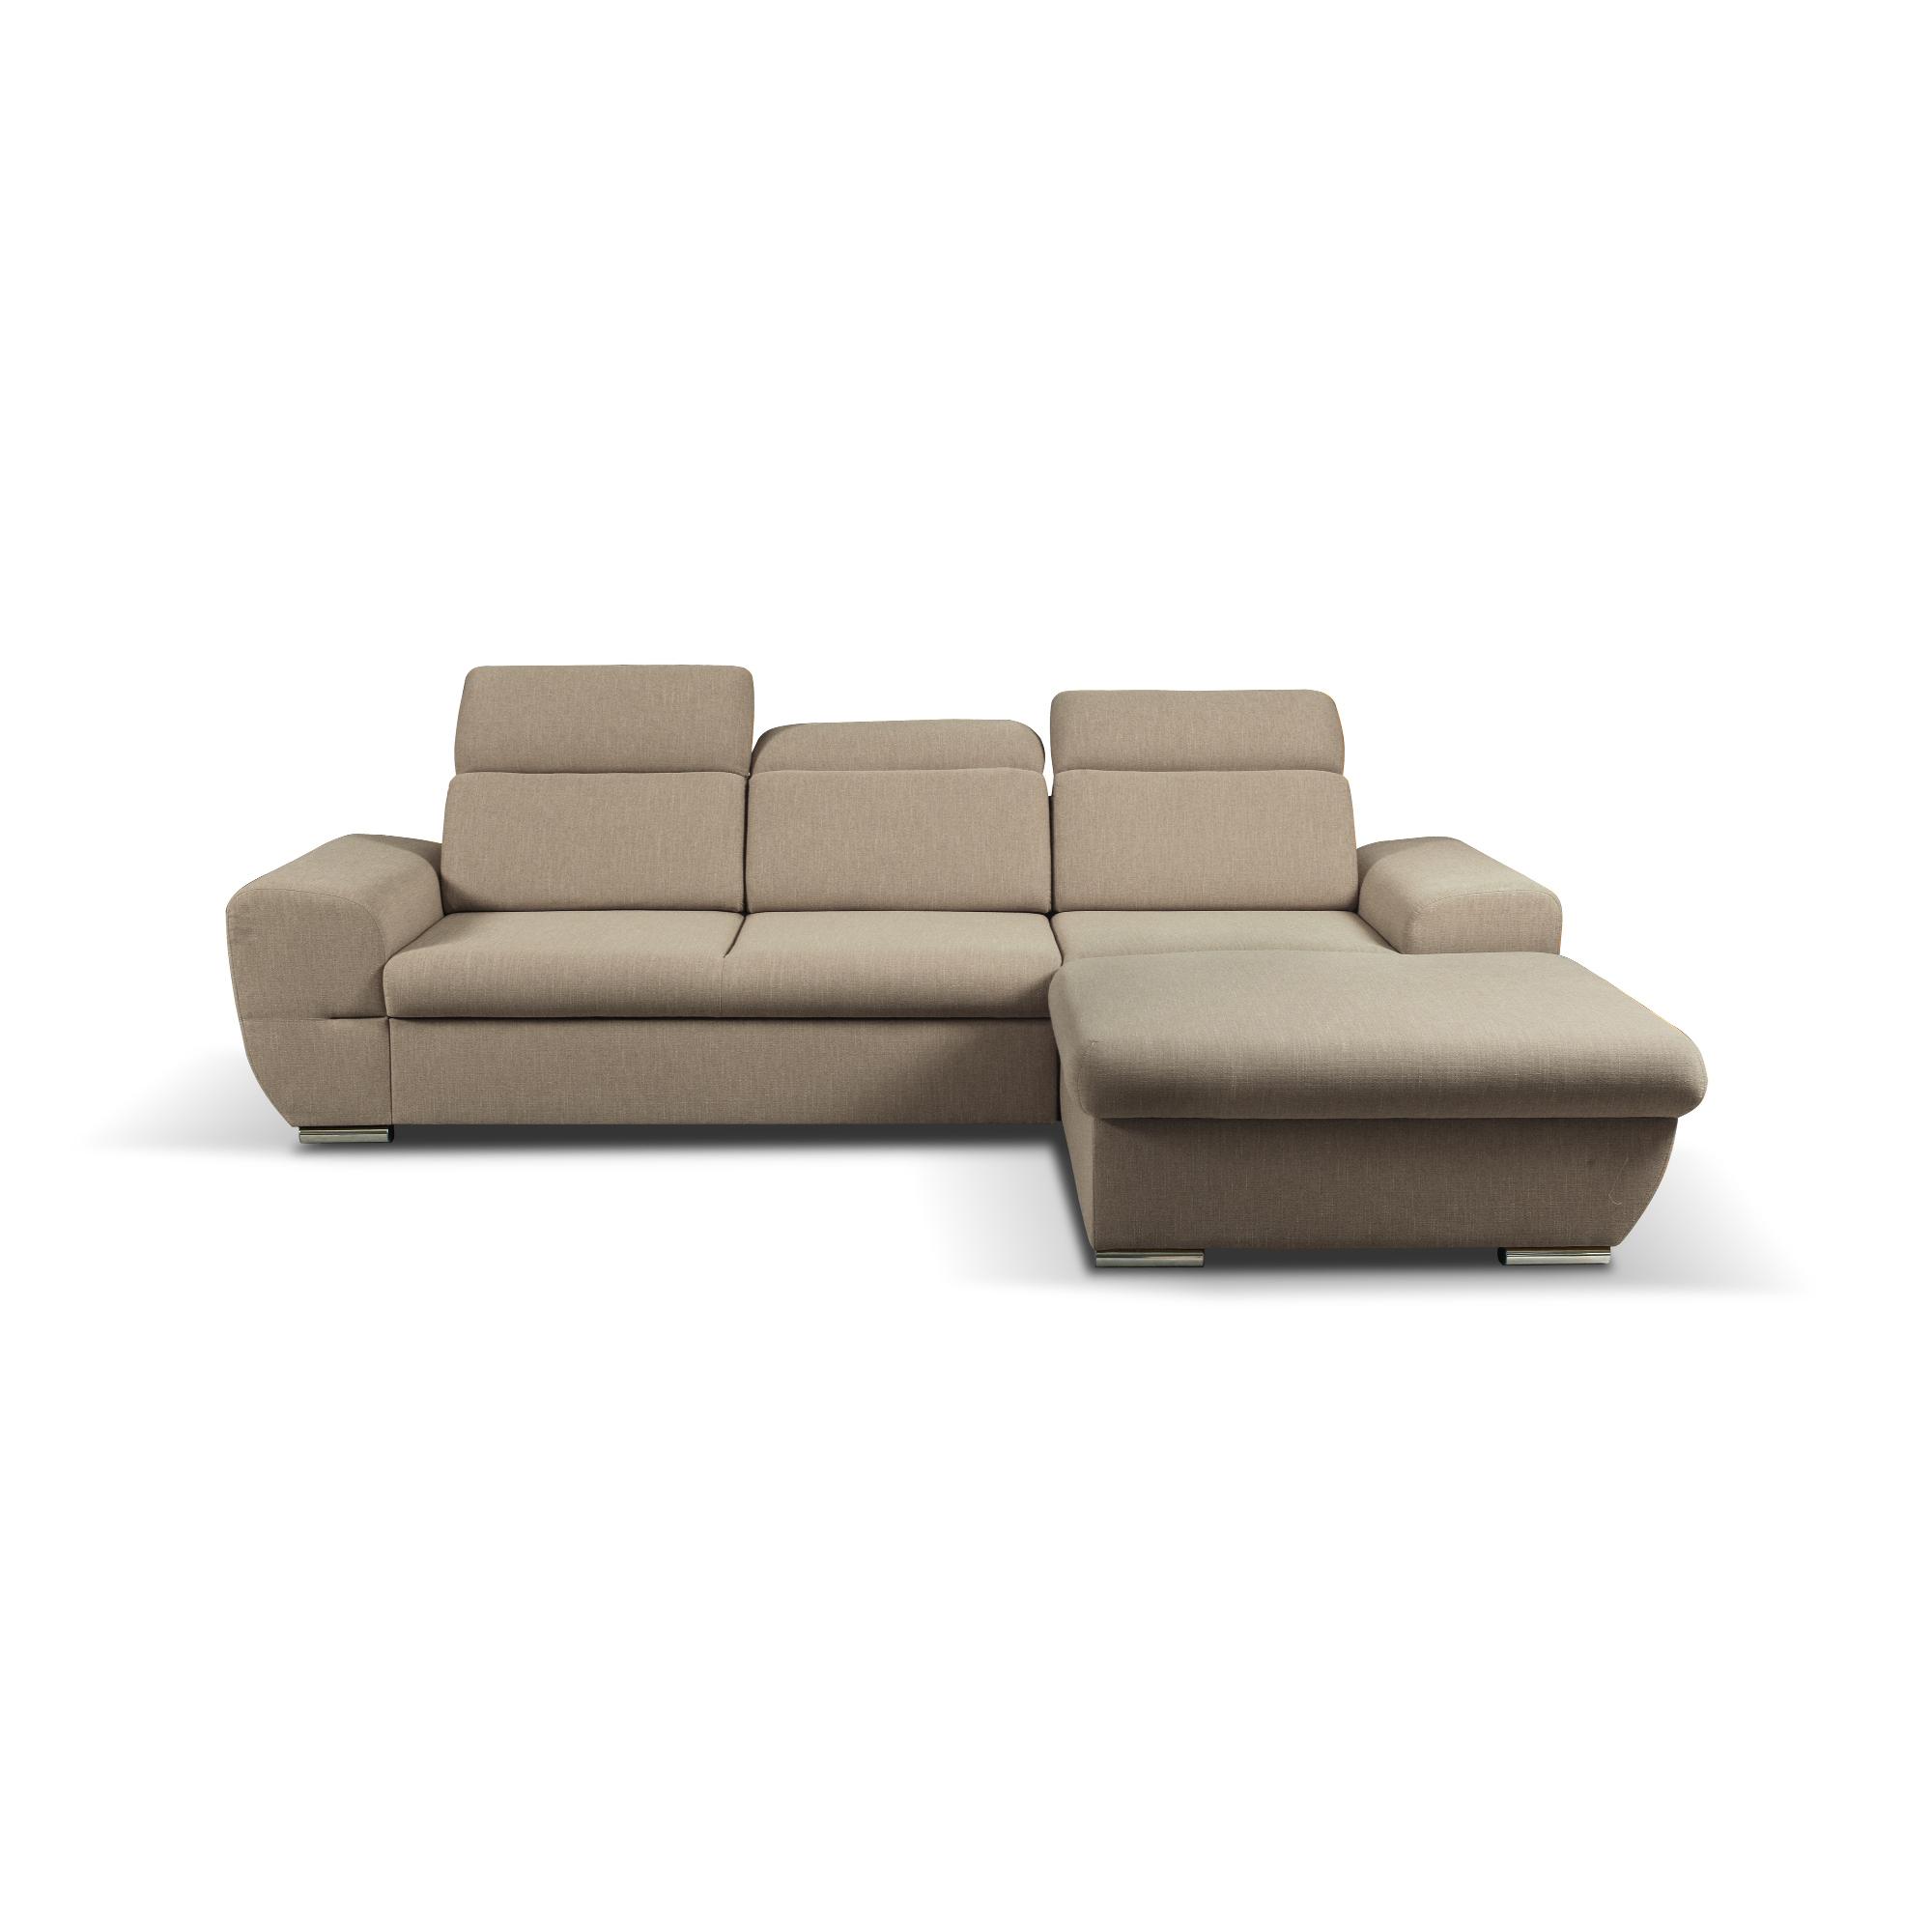 Eckcouch mit Schlaffunktion Couch Ecksofa Grau